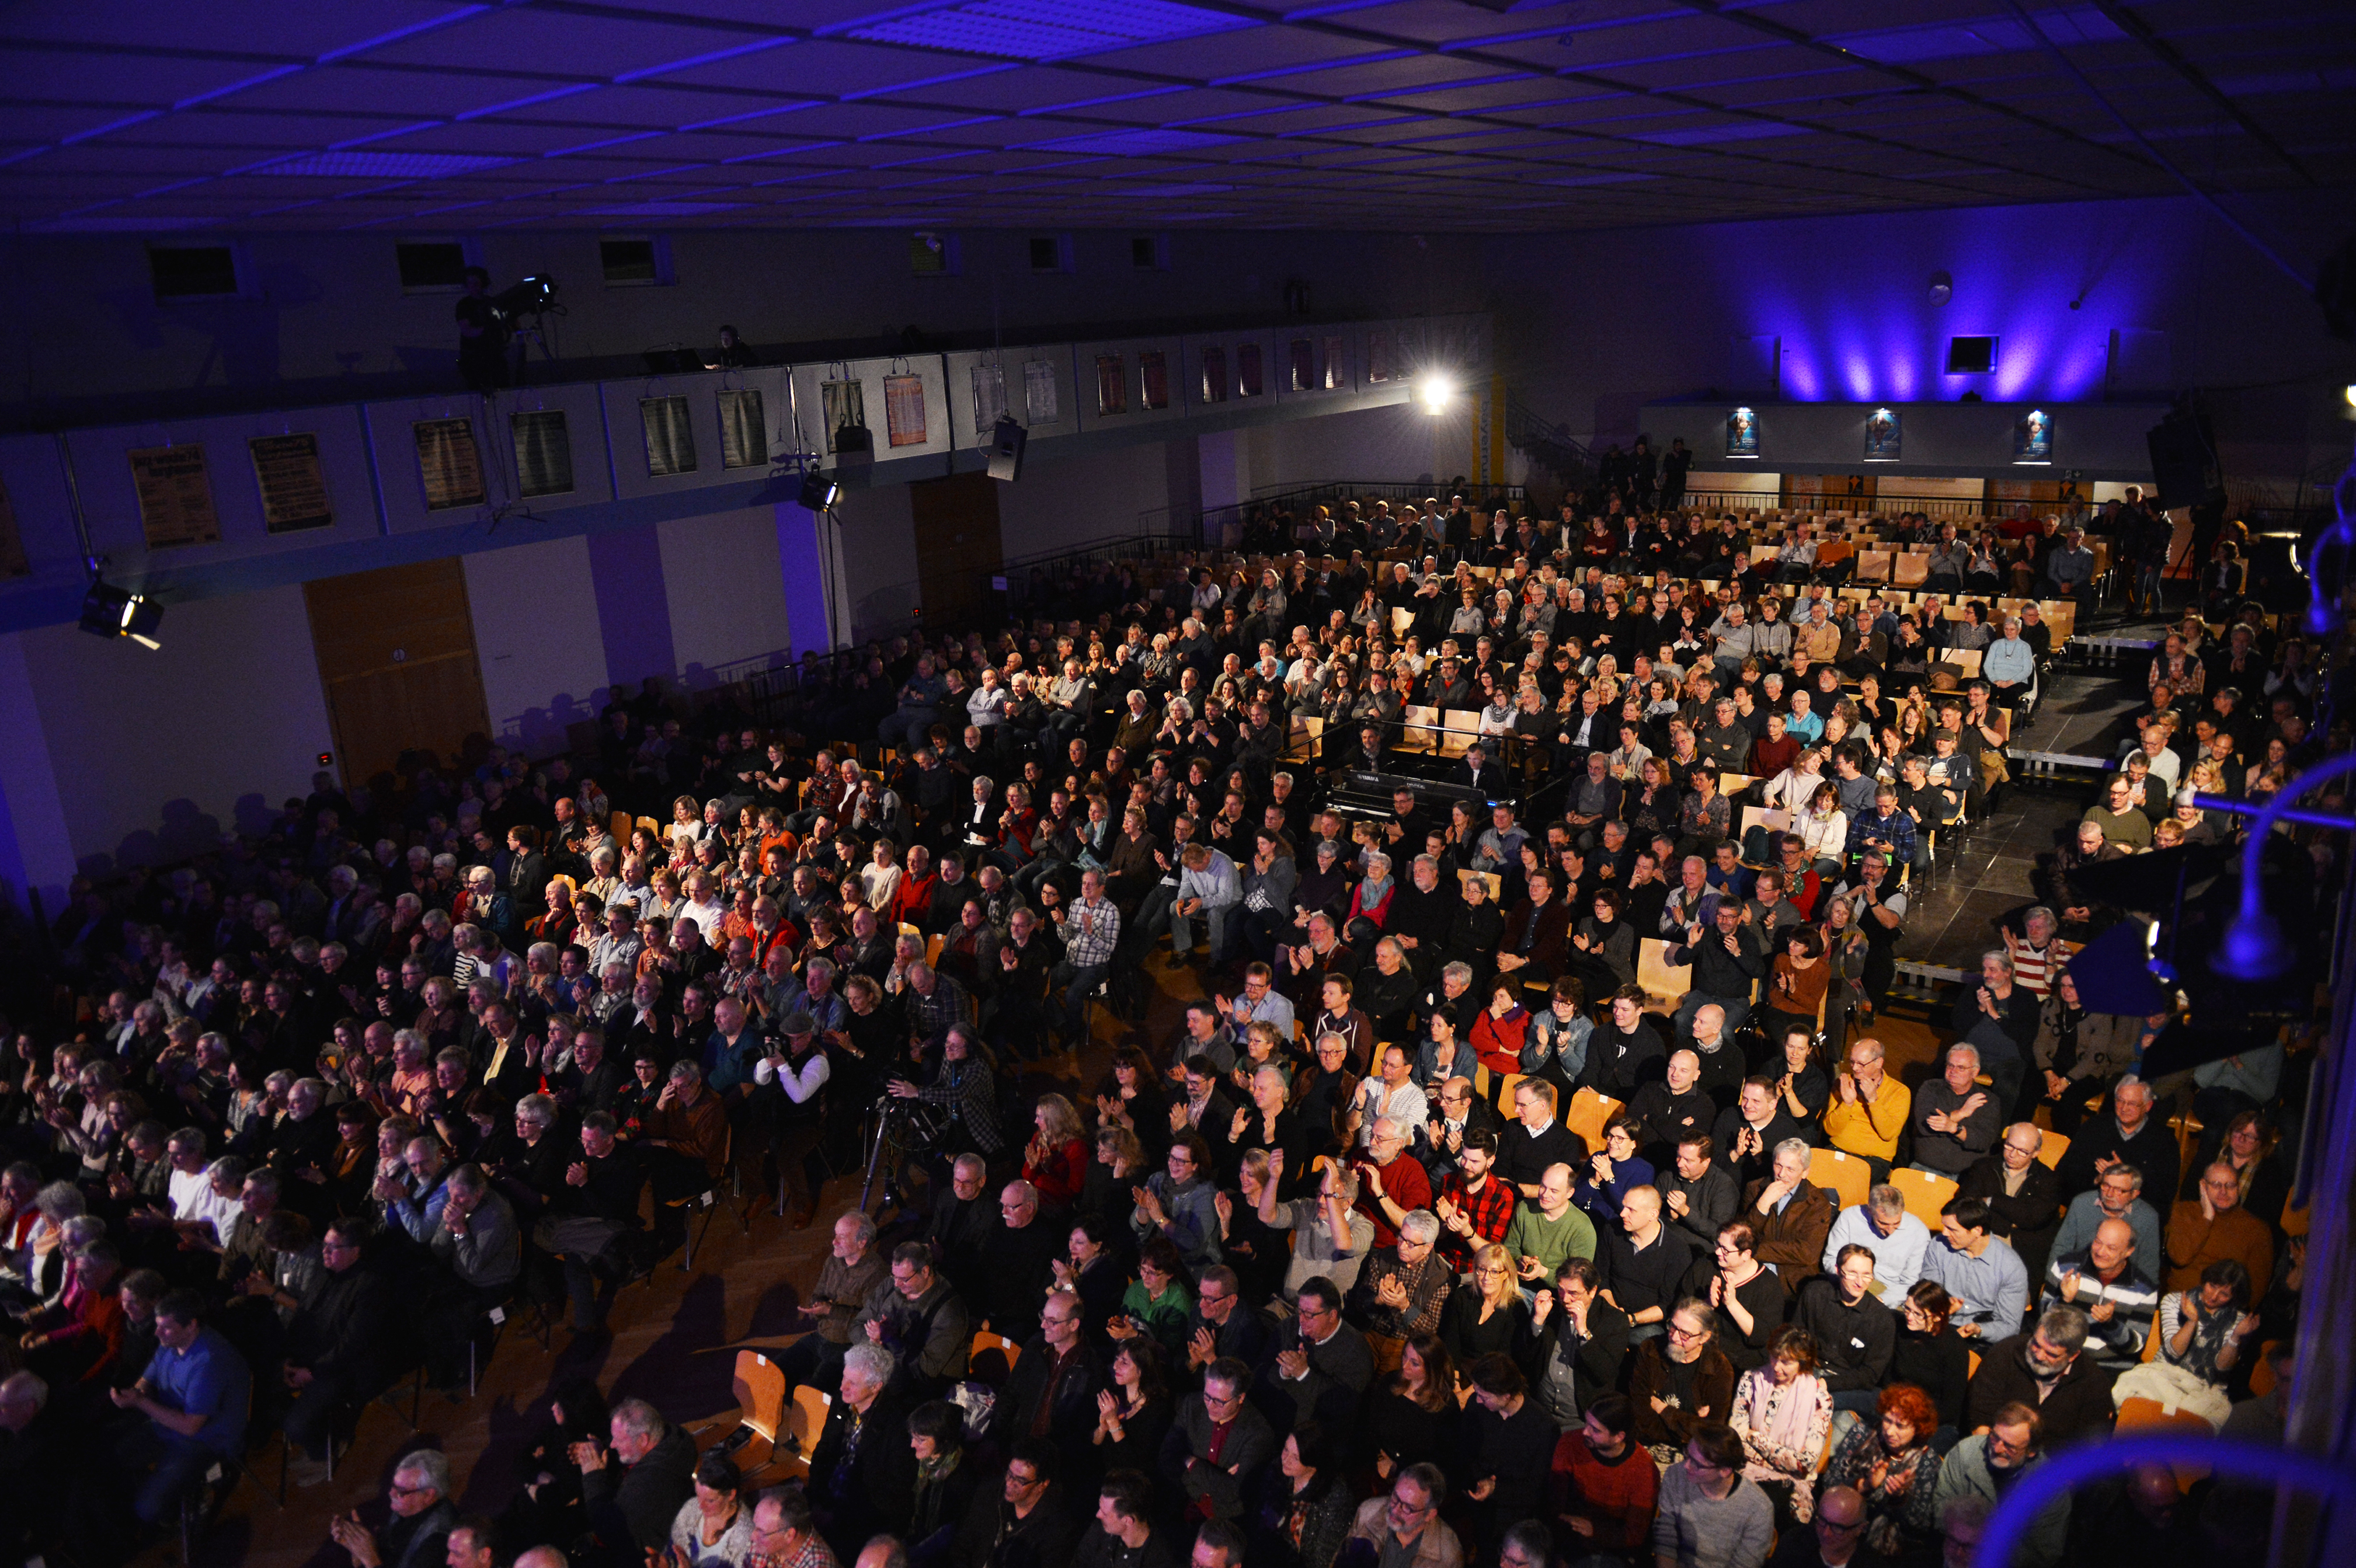 """Kultur in der Kommune: Prall  gefüllte  Wackerhalle  beim  Konzert  der  Kultband    """"  Blood,  Sweat  &  Tears  """"    bei  der    Internationalen  Jazzwoche  Burghausen  2018"""